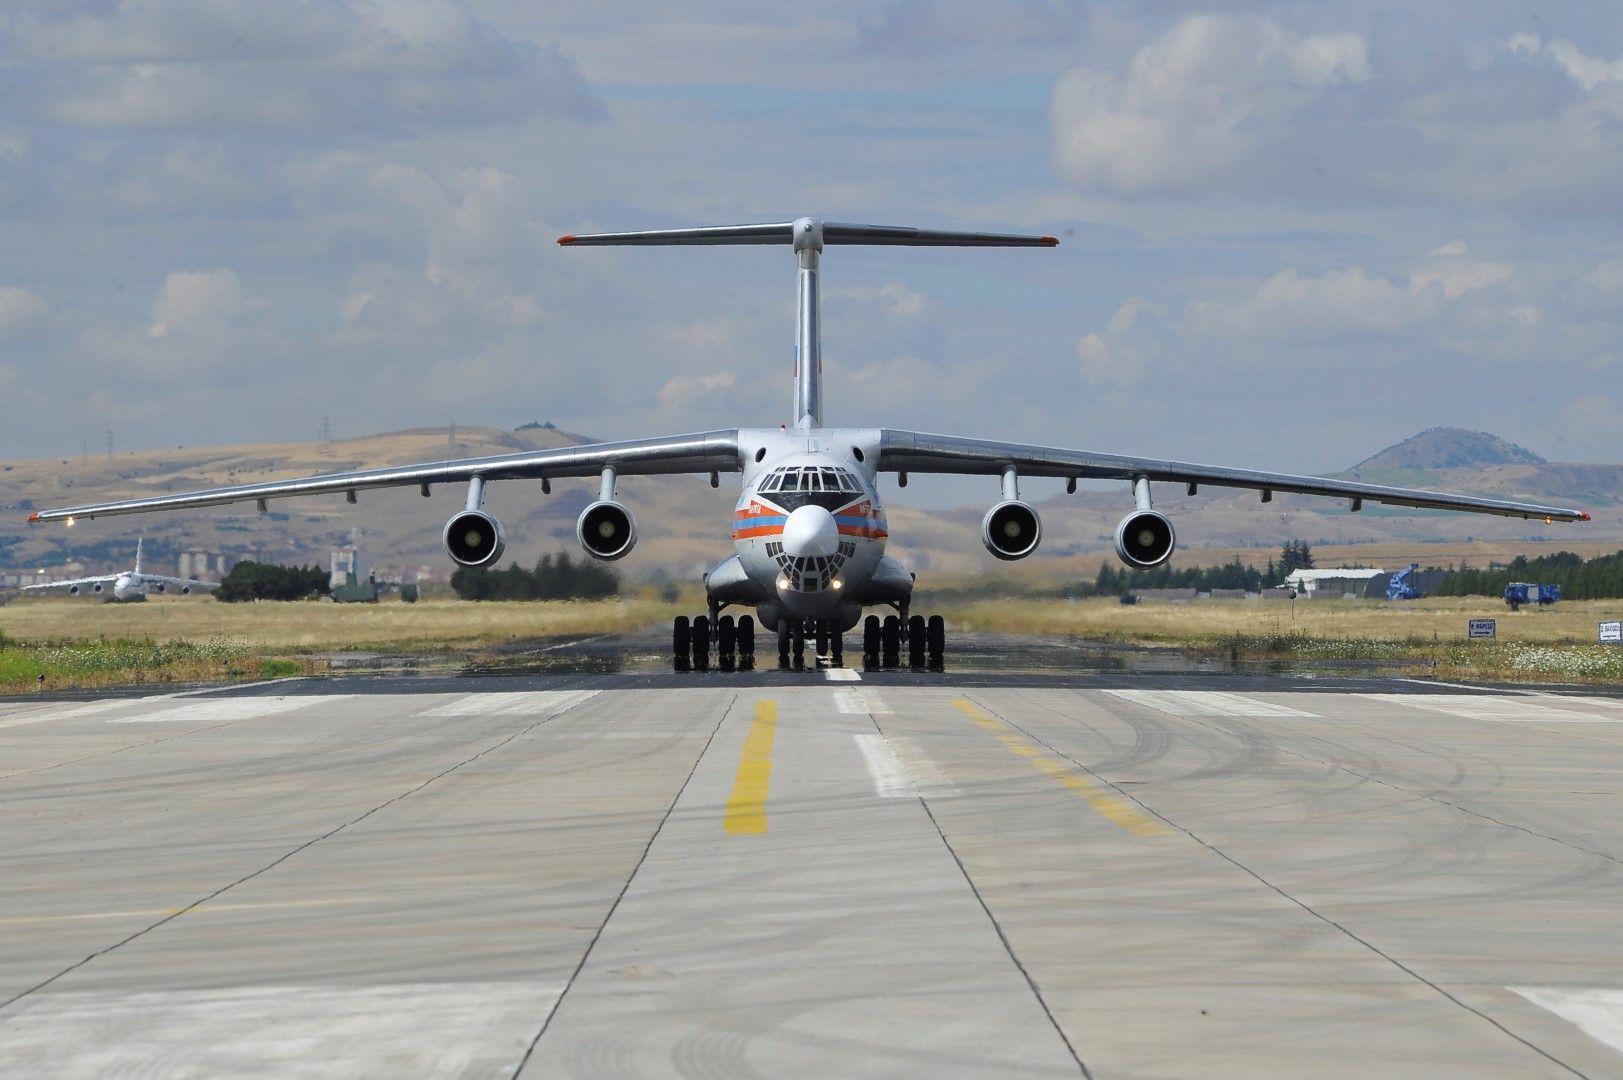 """Товарен самолет """"Антонов"""" доствя на военното летище в Анкара части от ракетните системи С-400, 12 юли 2019 г."""